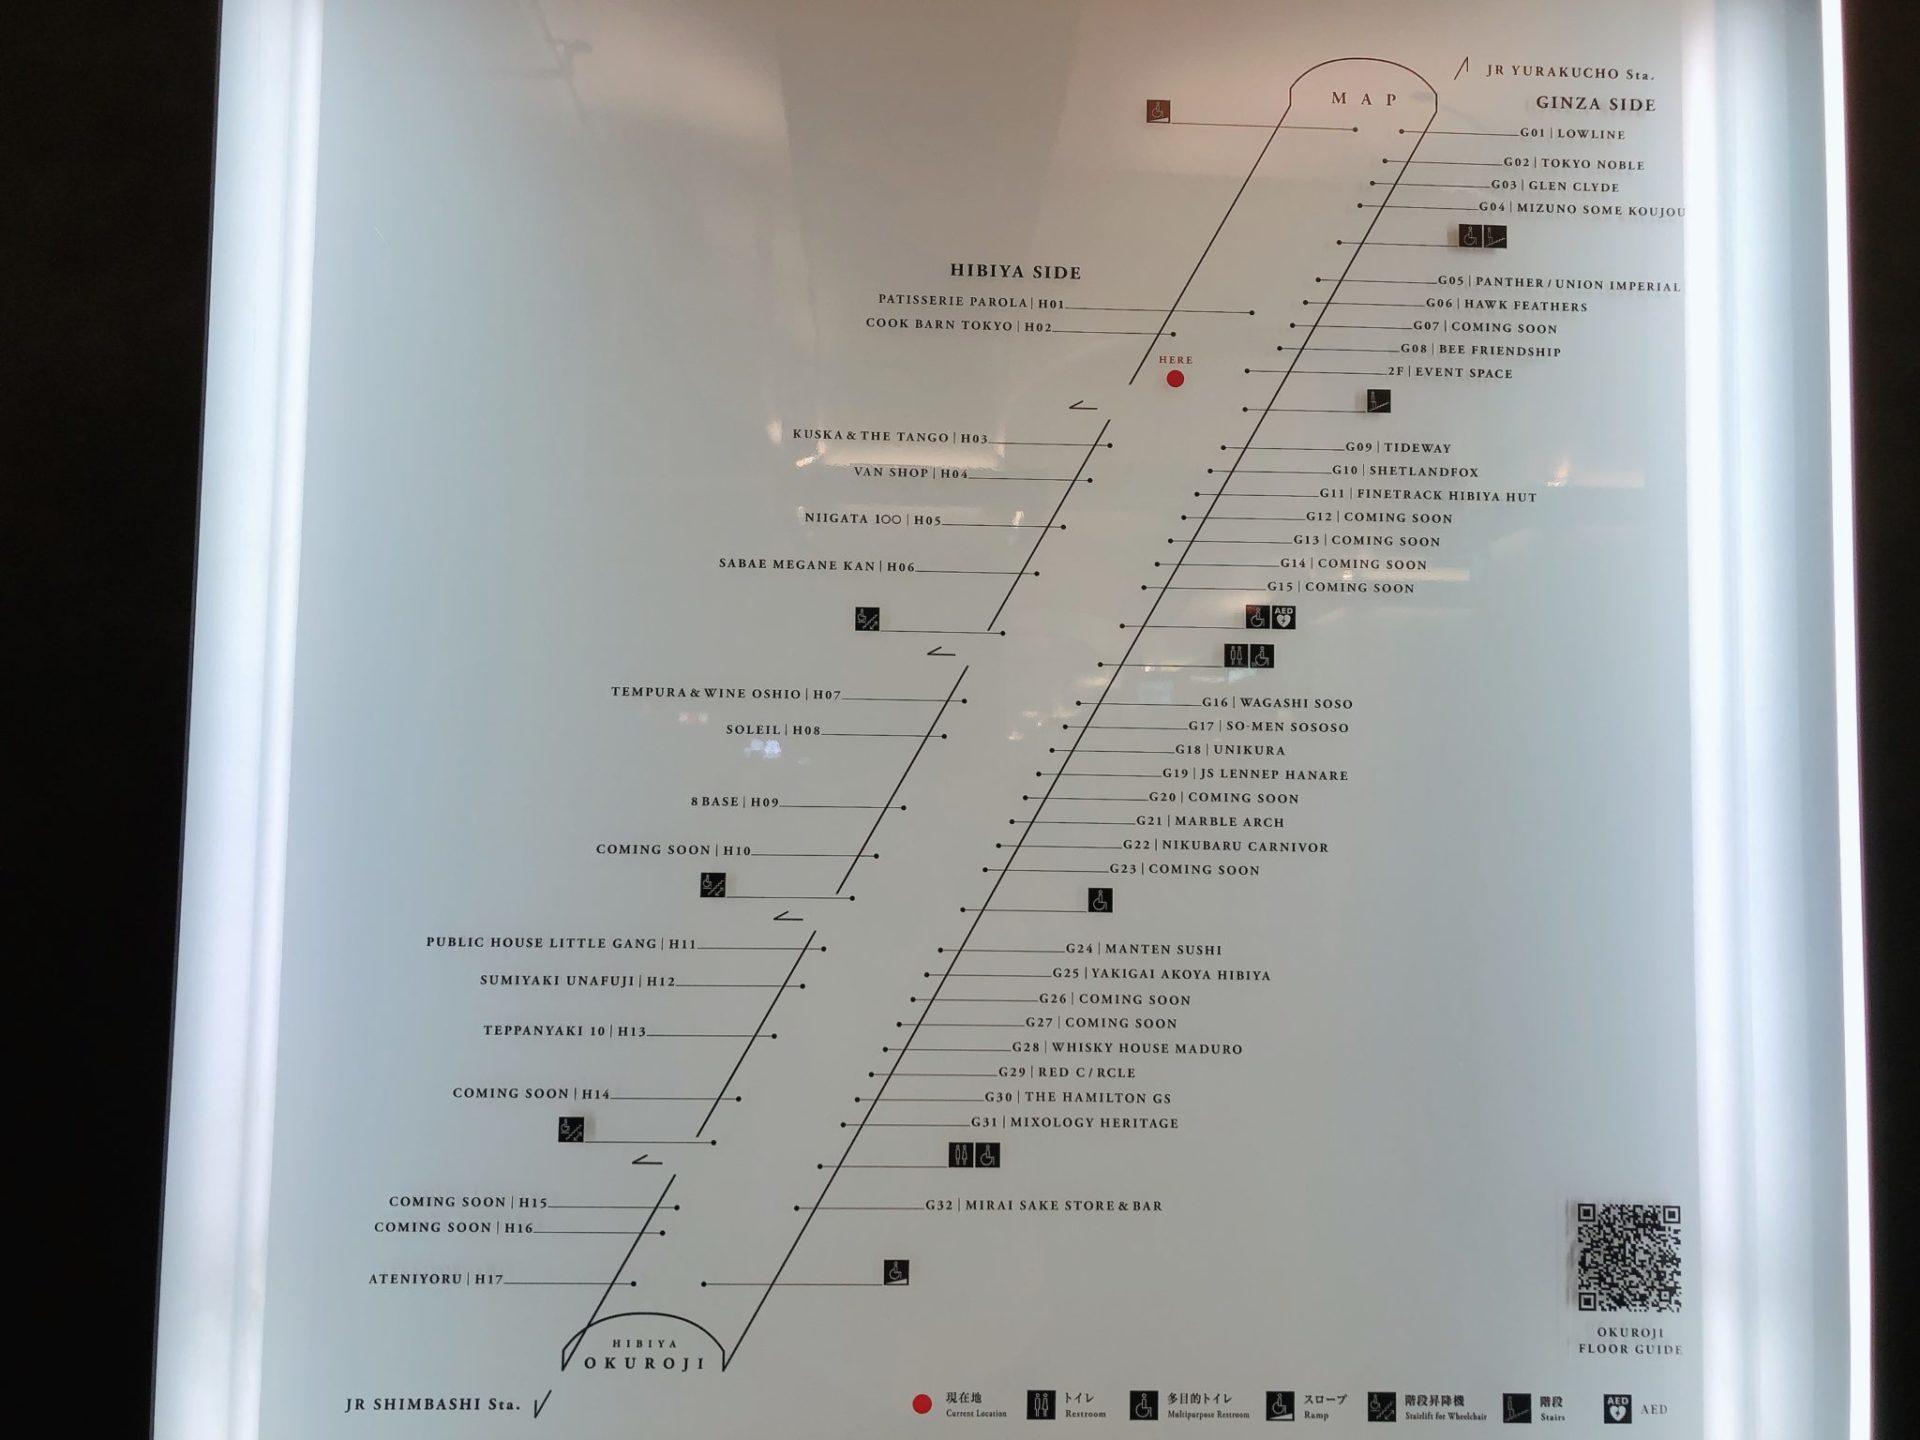 日比谷OKUROJI(ヒビヤオクロジ)のテナント